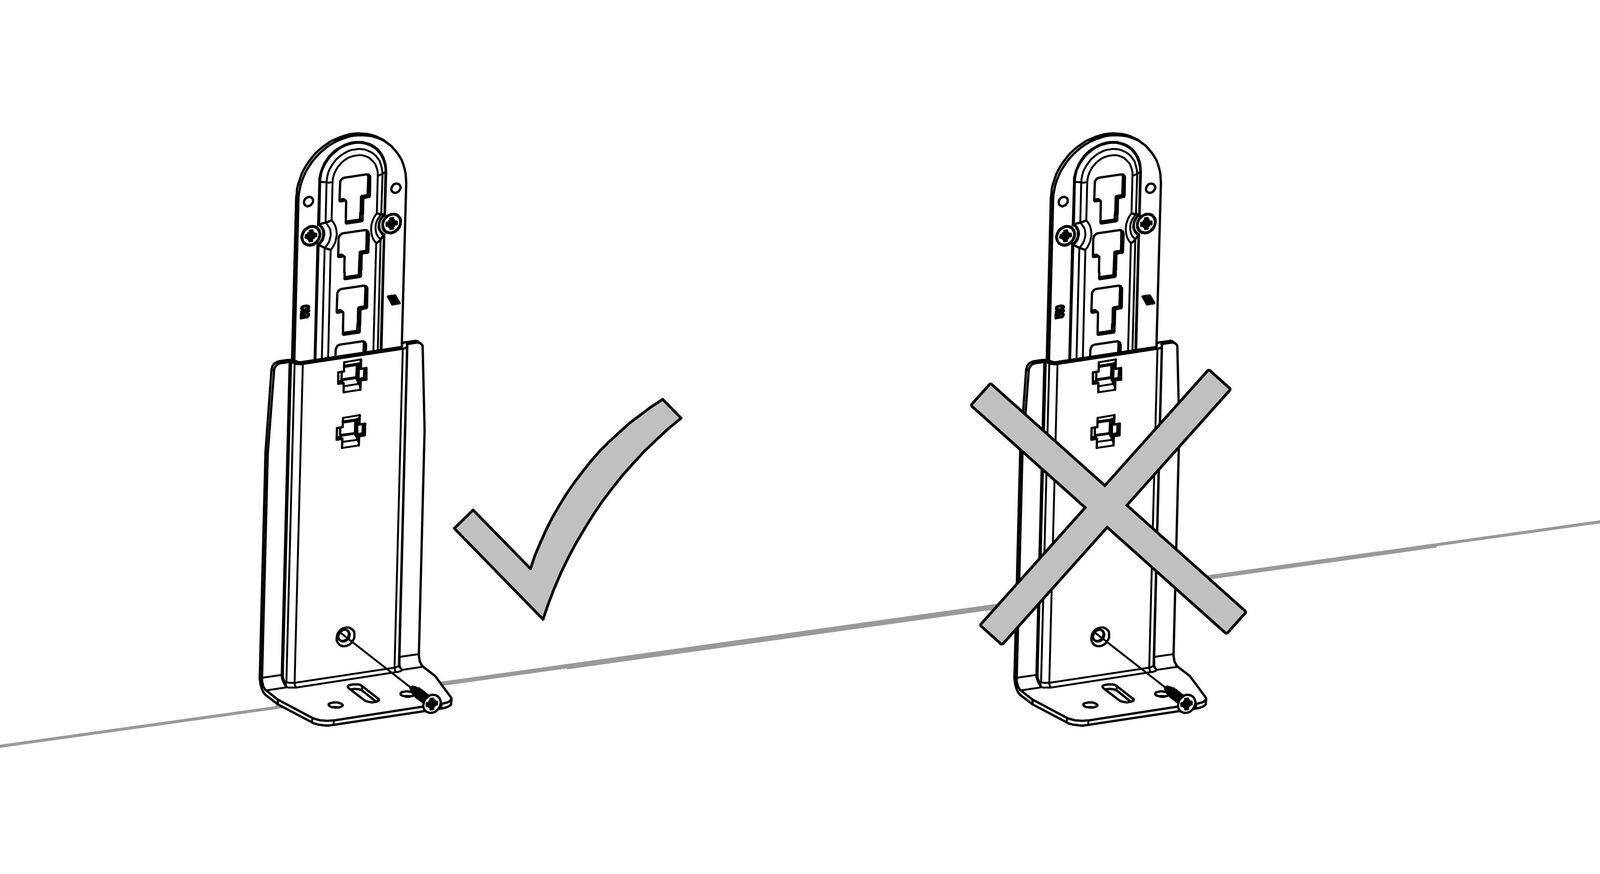 Die richtige Anbringung des Adapter-Sets zur Erhöhung der Einlegetiefe